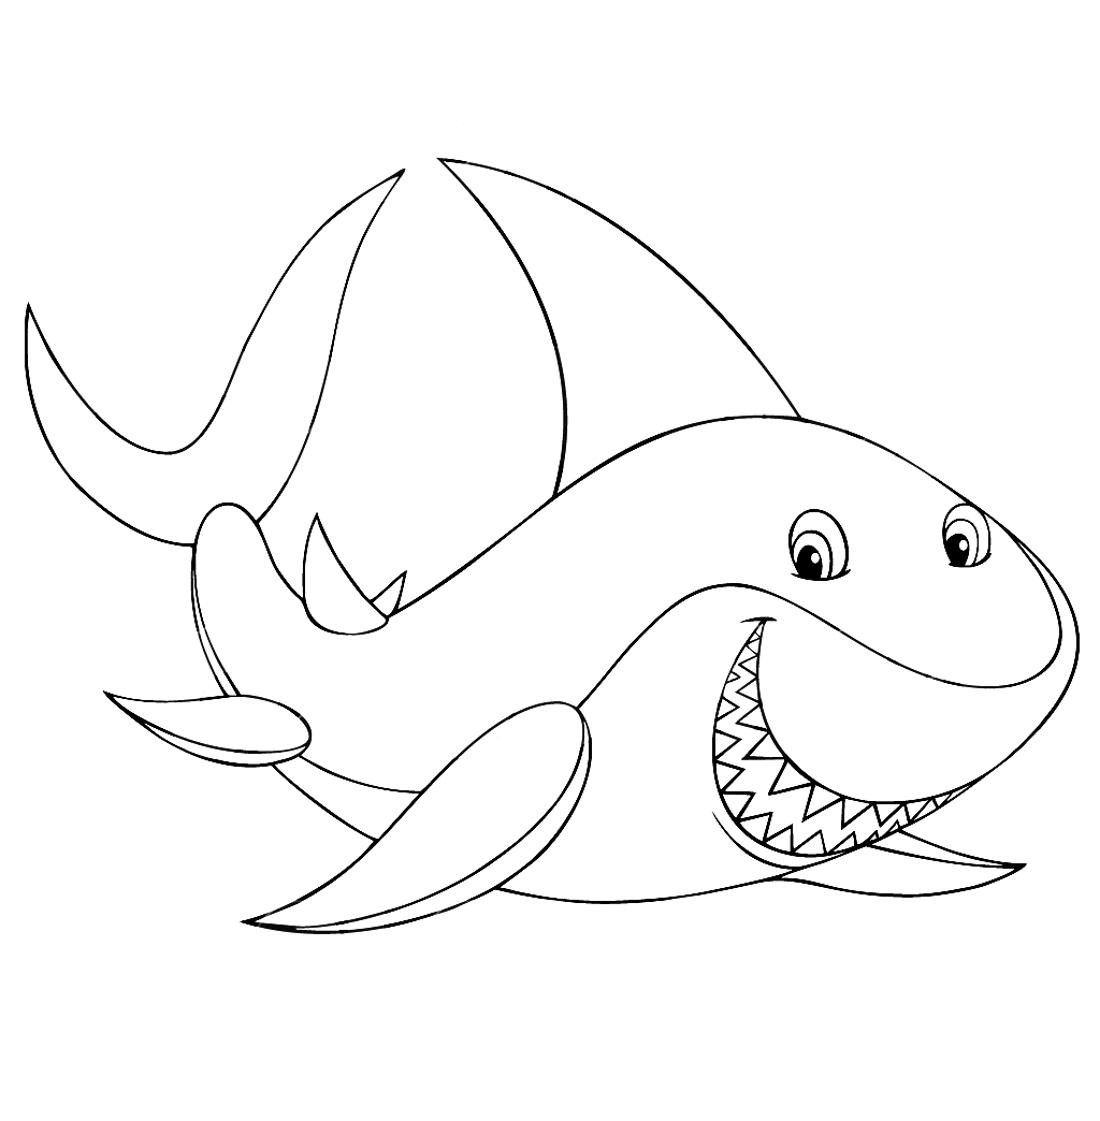 добрая акула раскраска 1070 Printonic Ru